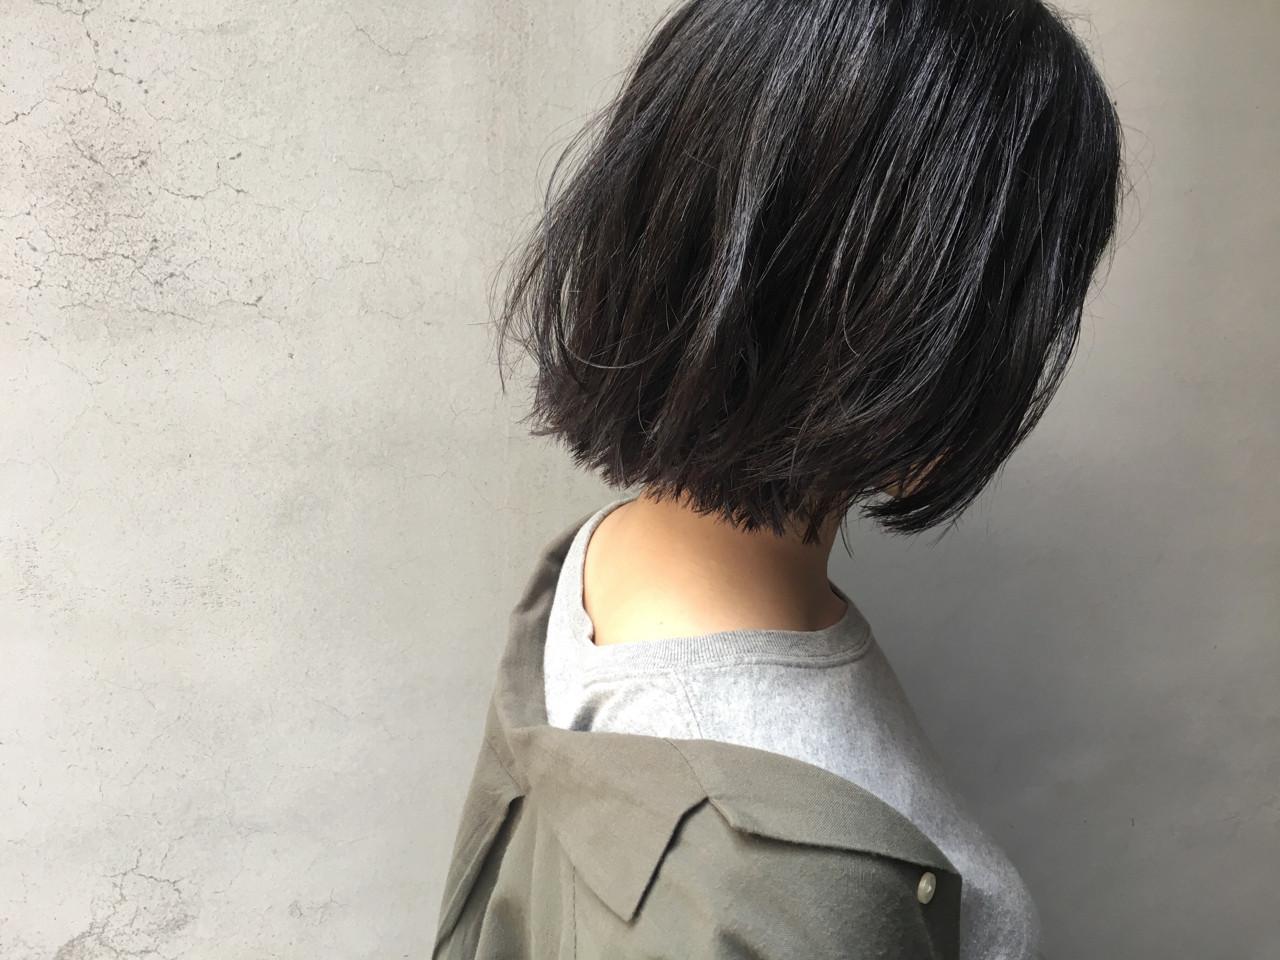 ナチュラル 抜け感 アッシュ 大人かわいい ヘアスタイルや髪型の写真・画像 | 杉谷 将也 / DiLL / DiLL